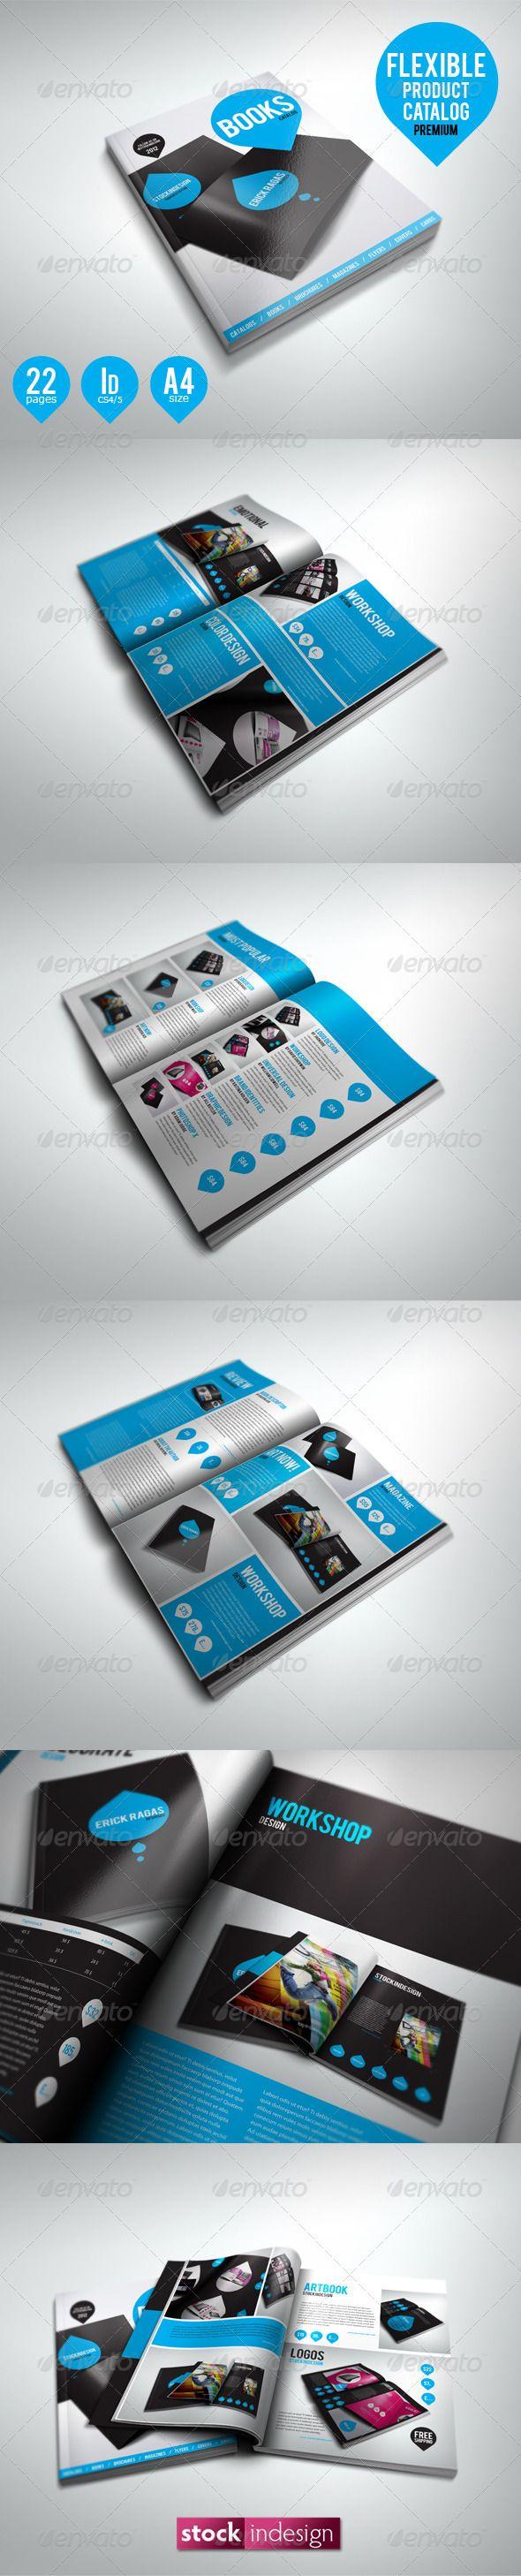 Flexible Product Catalog Premium